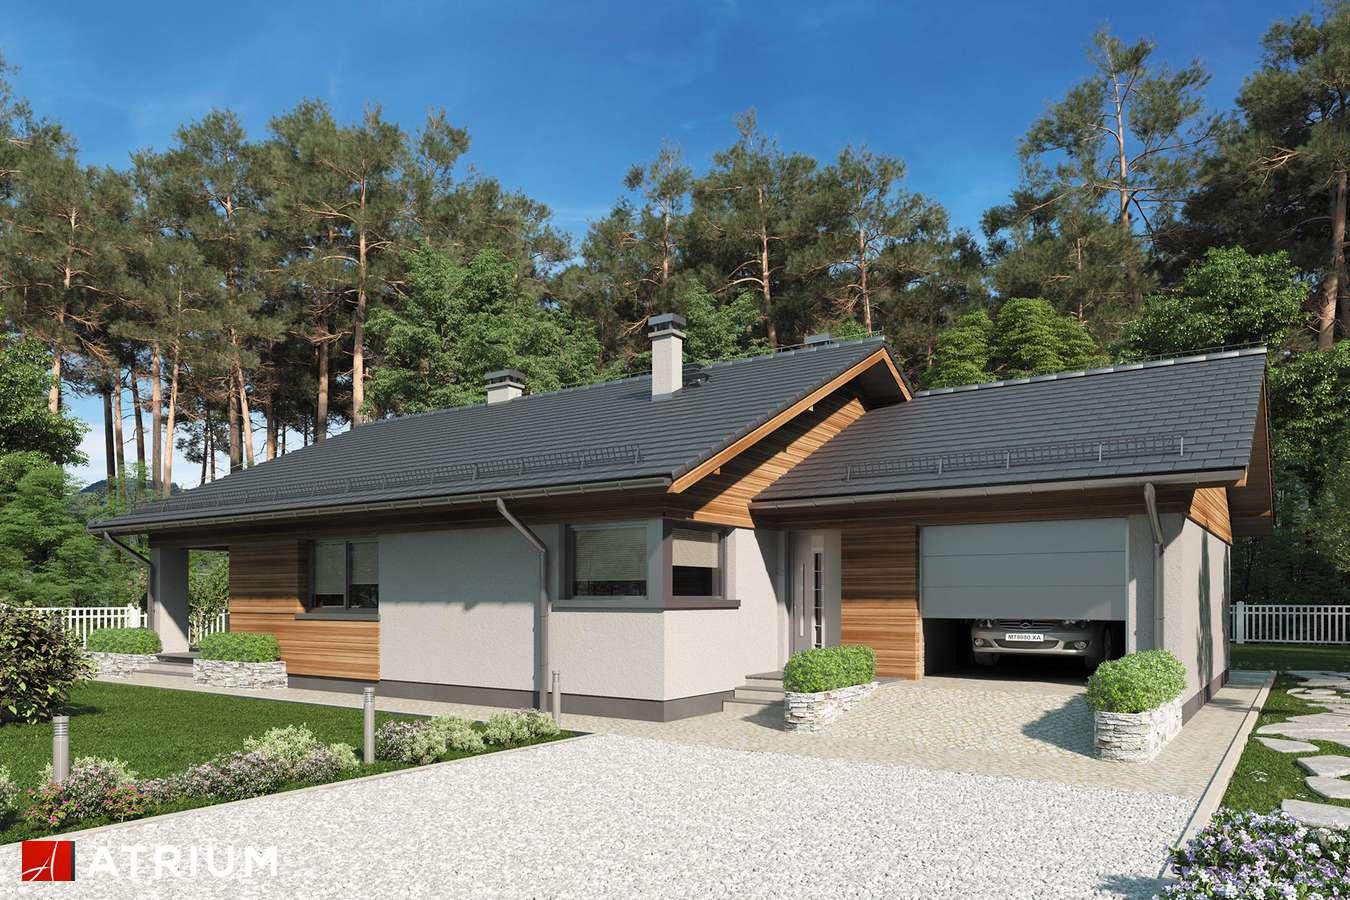 Projekty domów - Projekt domu parterowego KOS IV - wizualizacja 1